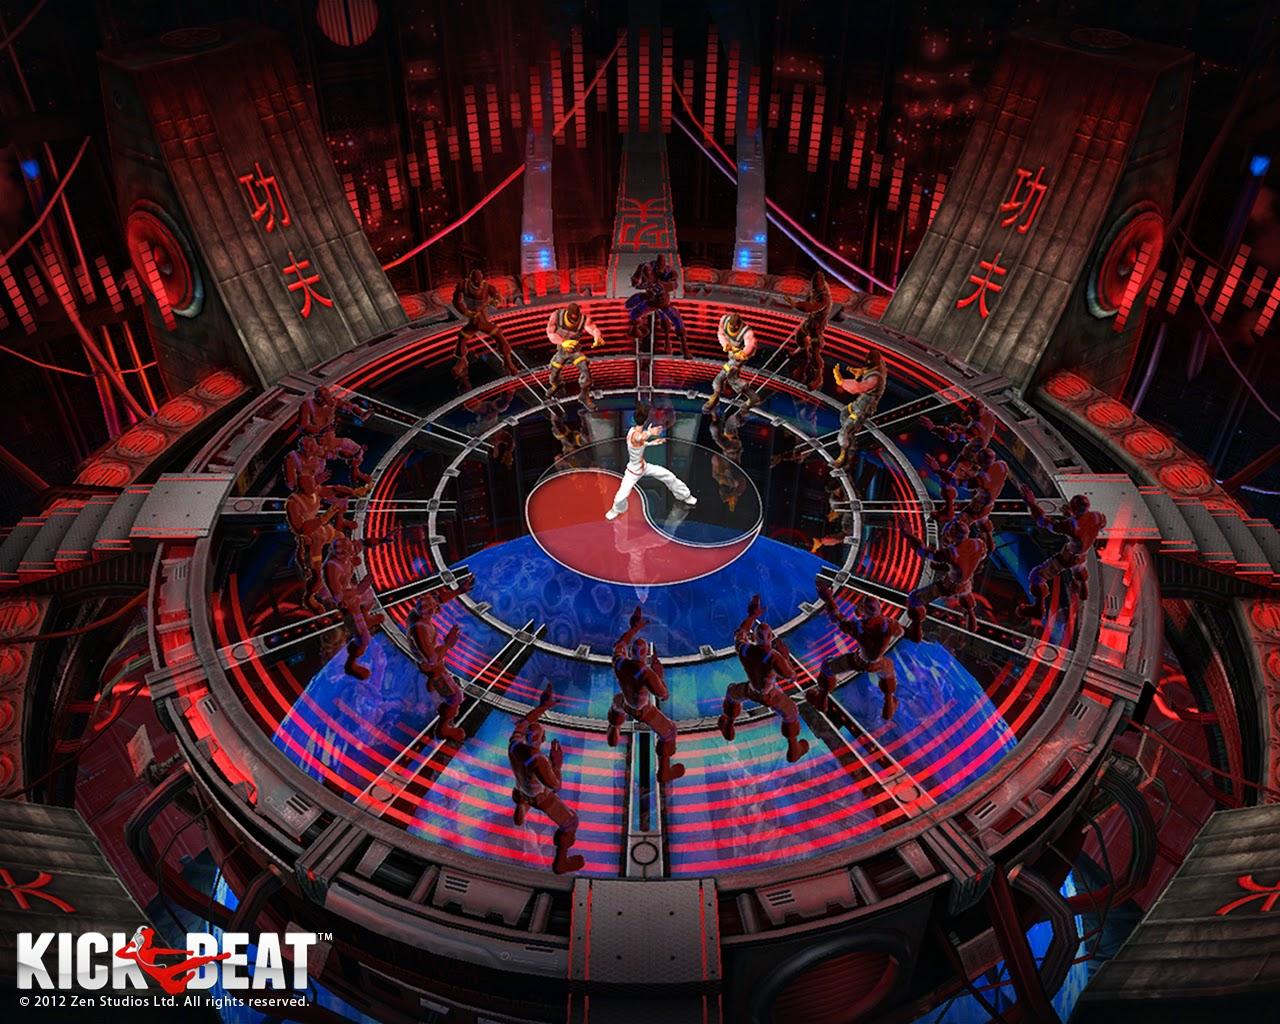 Loạt hình nền tuyệt đẹp của game âm nhạc KickBeat - Ảnh 4